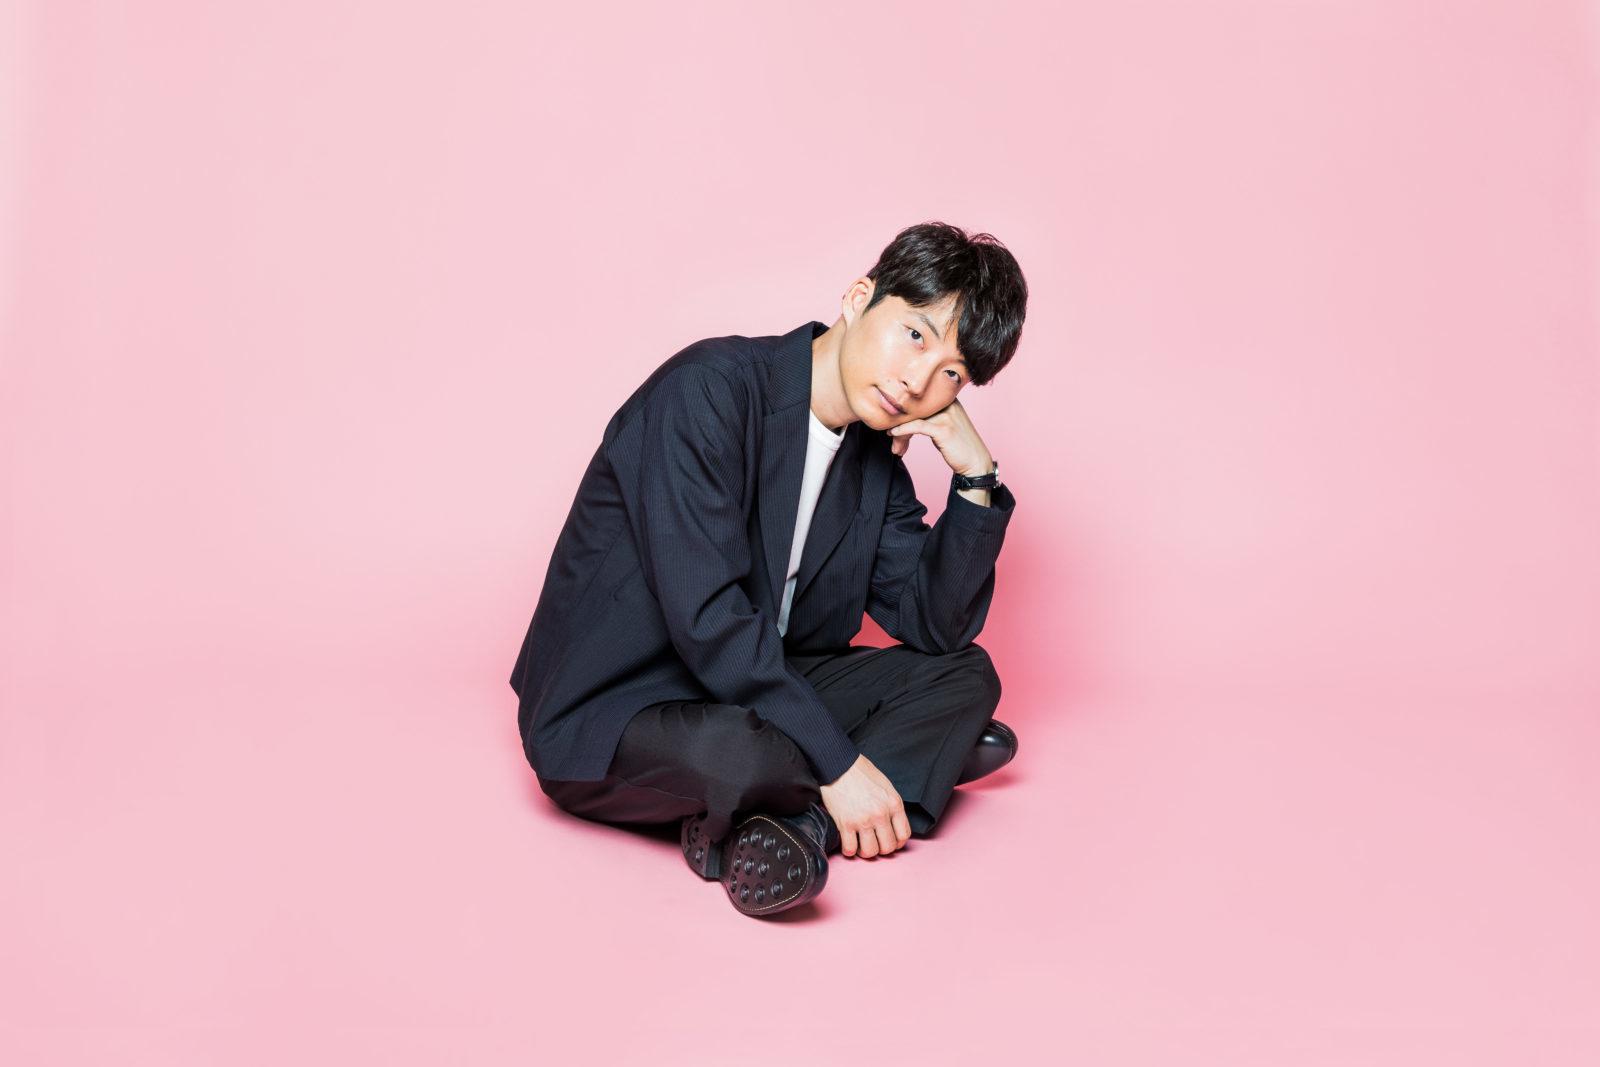 星野源、ニューシングル『Family Song』がソロアーティストによるシングル作品として今年度の最高の売上を記録サムネイル画像